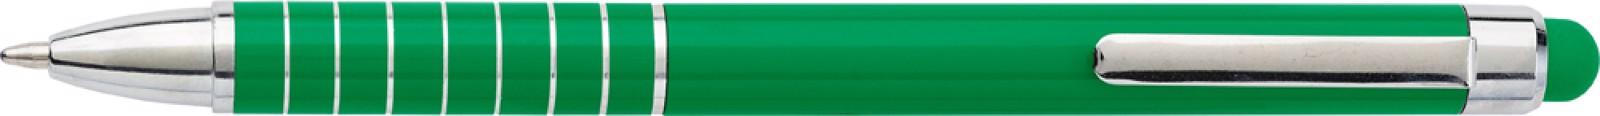 Aluminium lacquered ballpen - Light Green